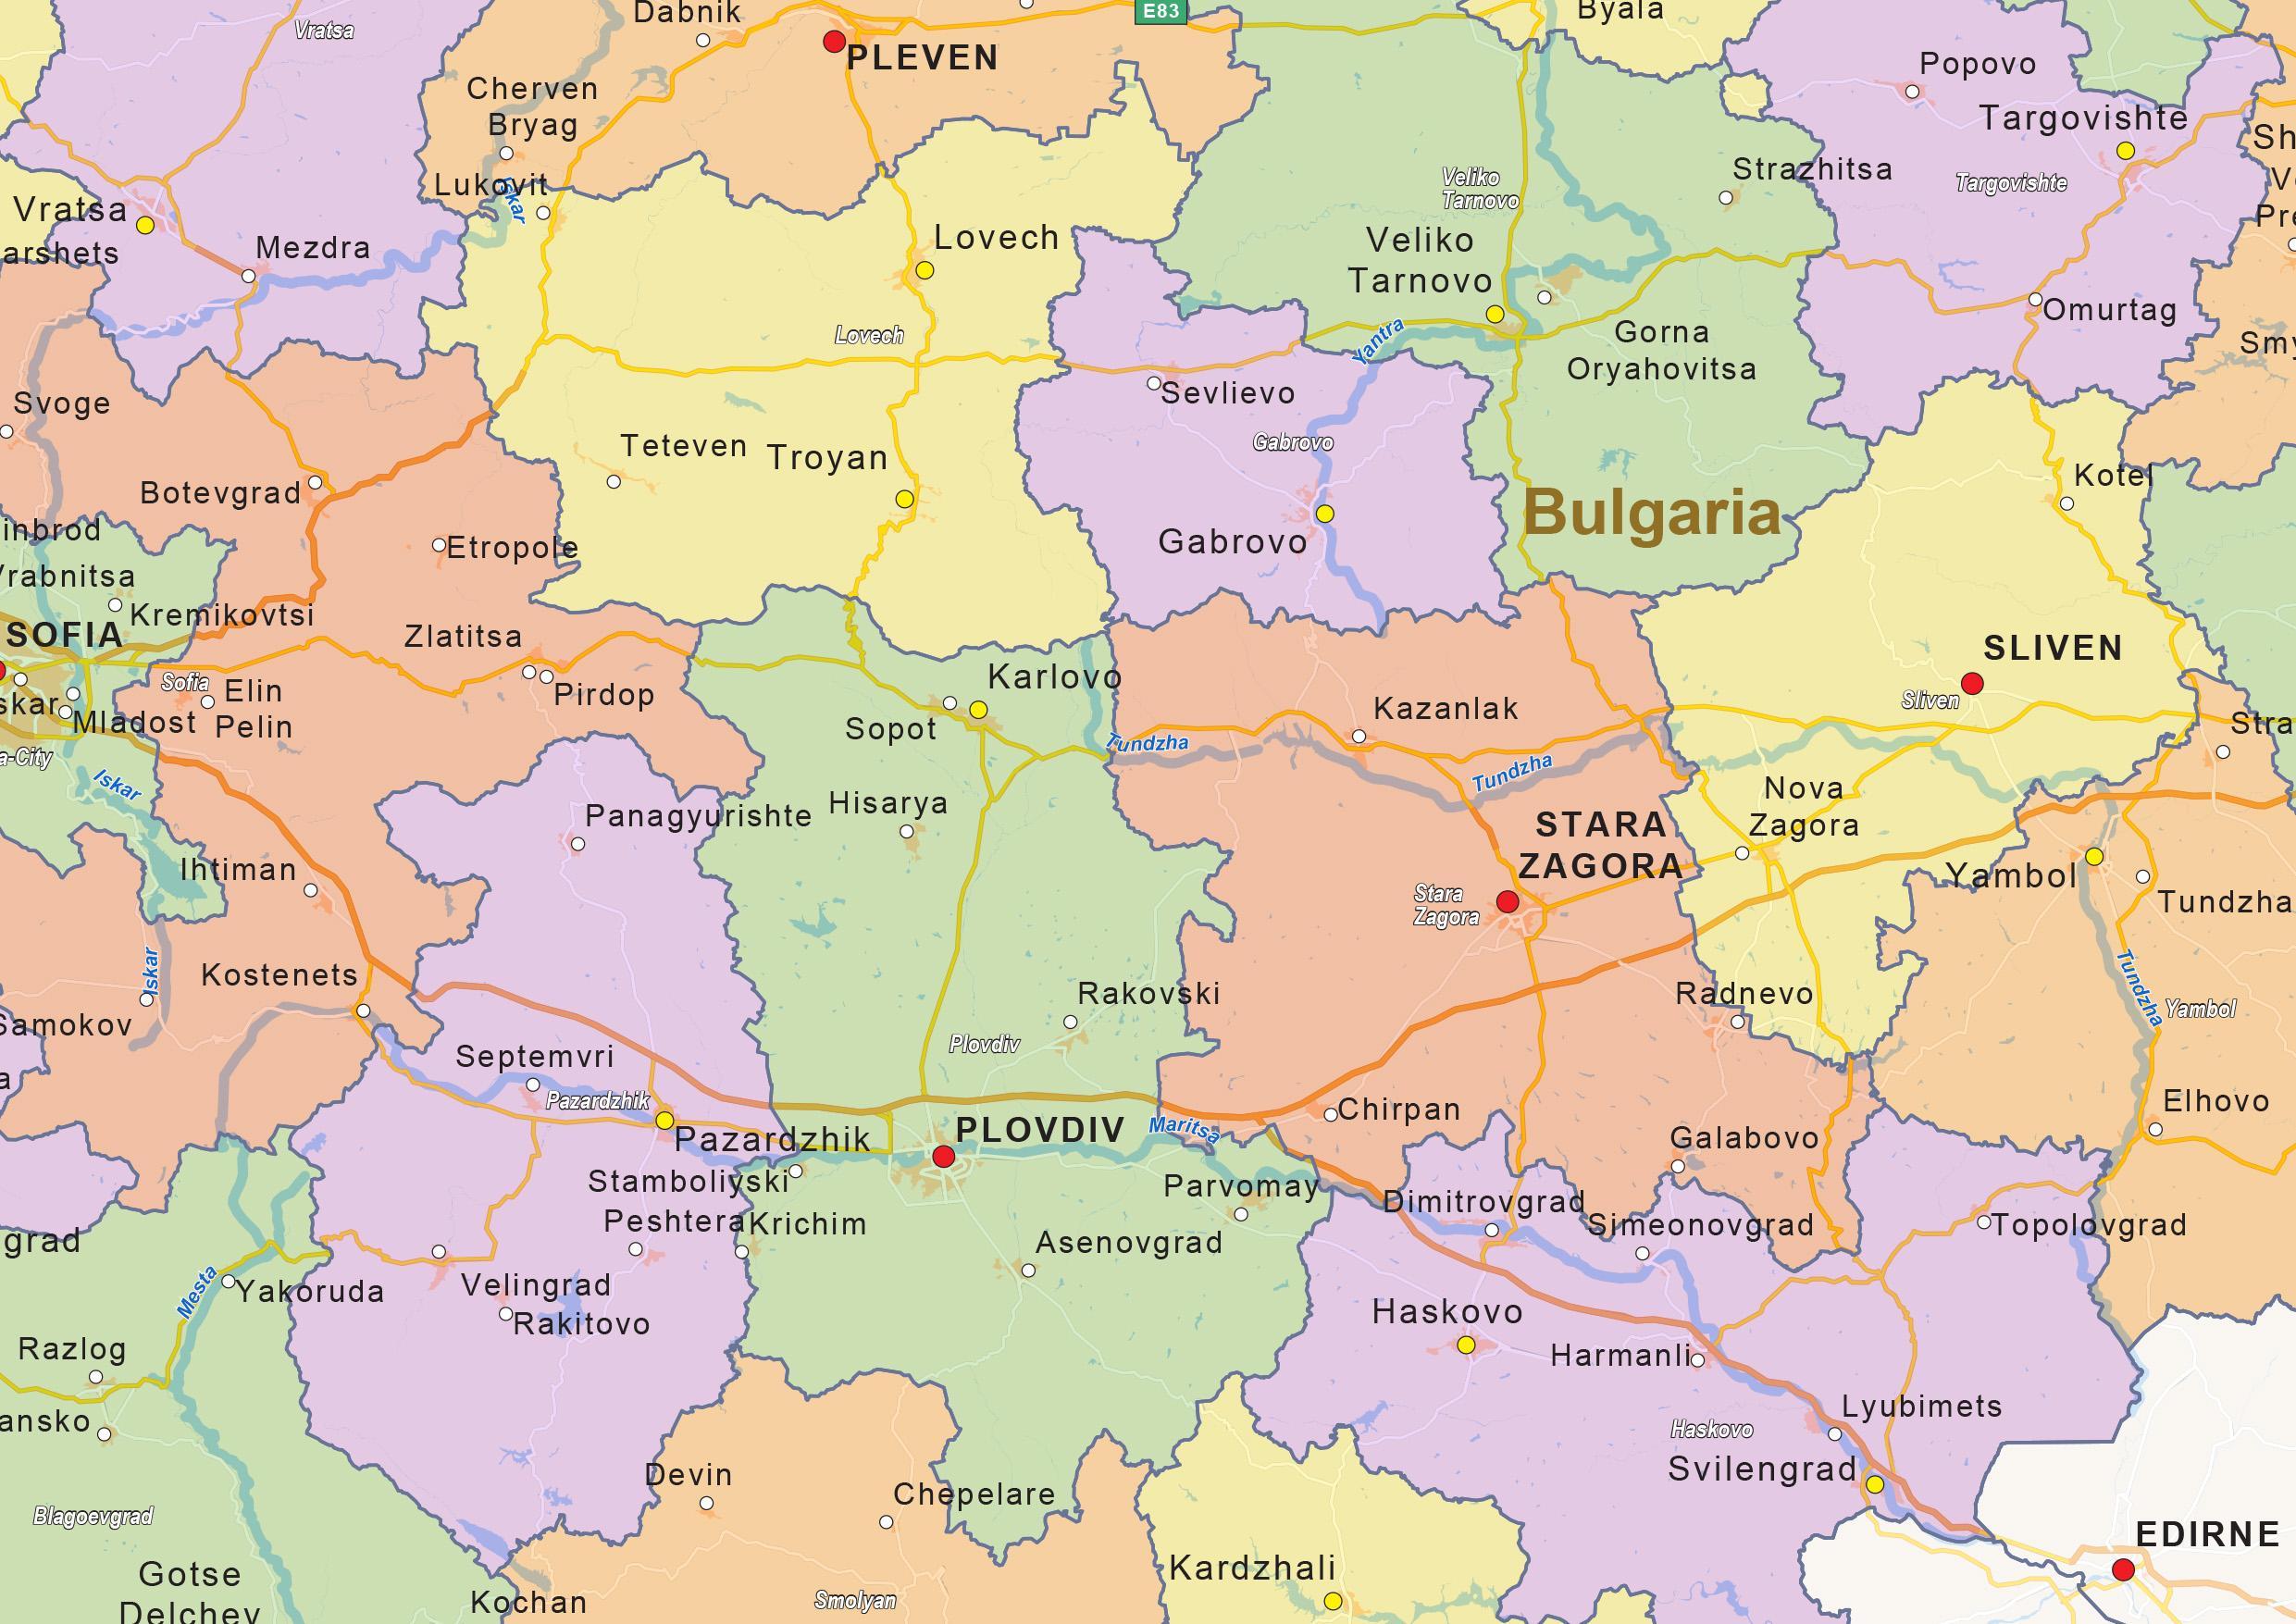 Bulgarien Politiske Kort Kort Over Bulgarien Politiske Ostlige